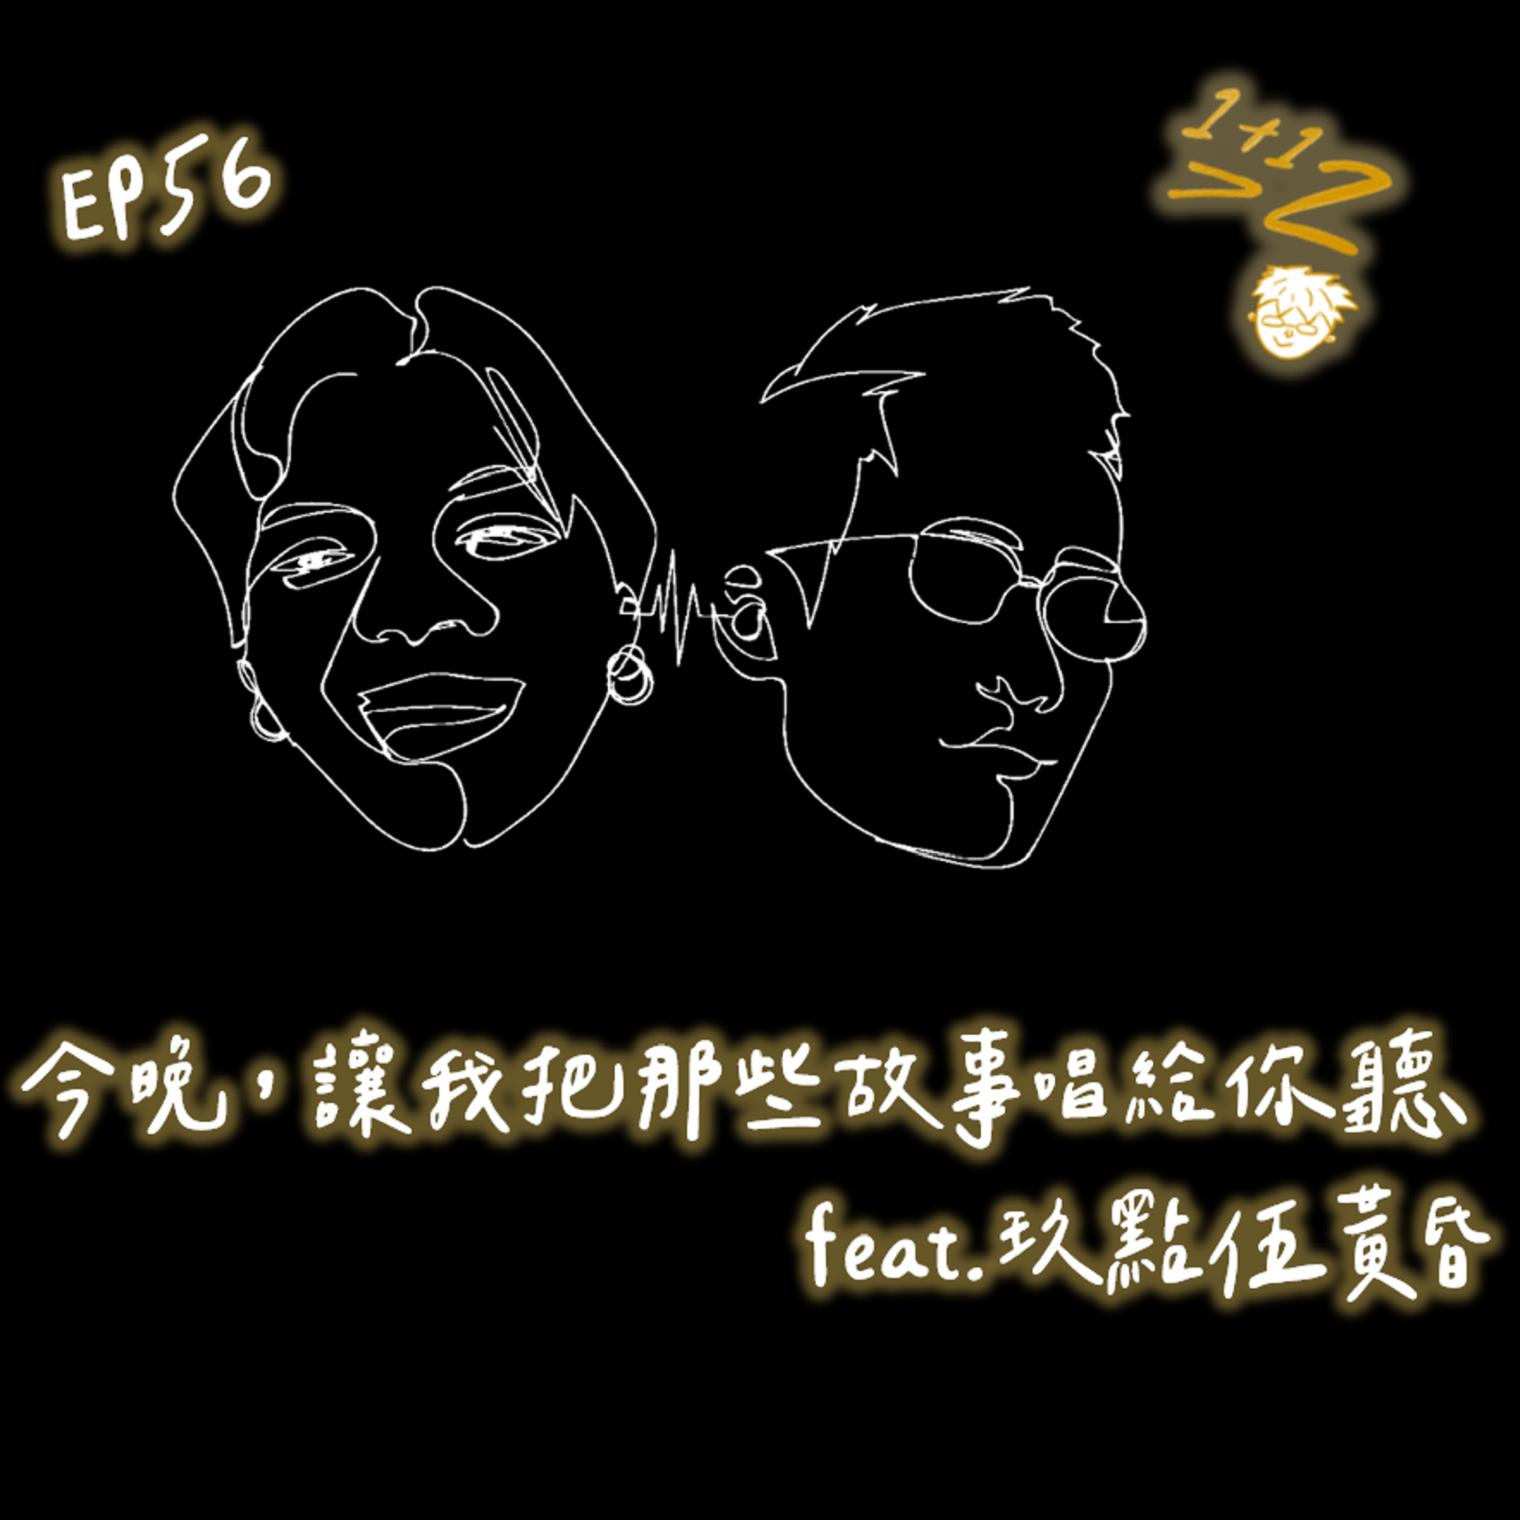 EP56|1+1>2|今晚,讓我把那些故事唱給你聽 (feat.玖點伍黃昏)